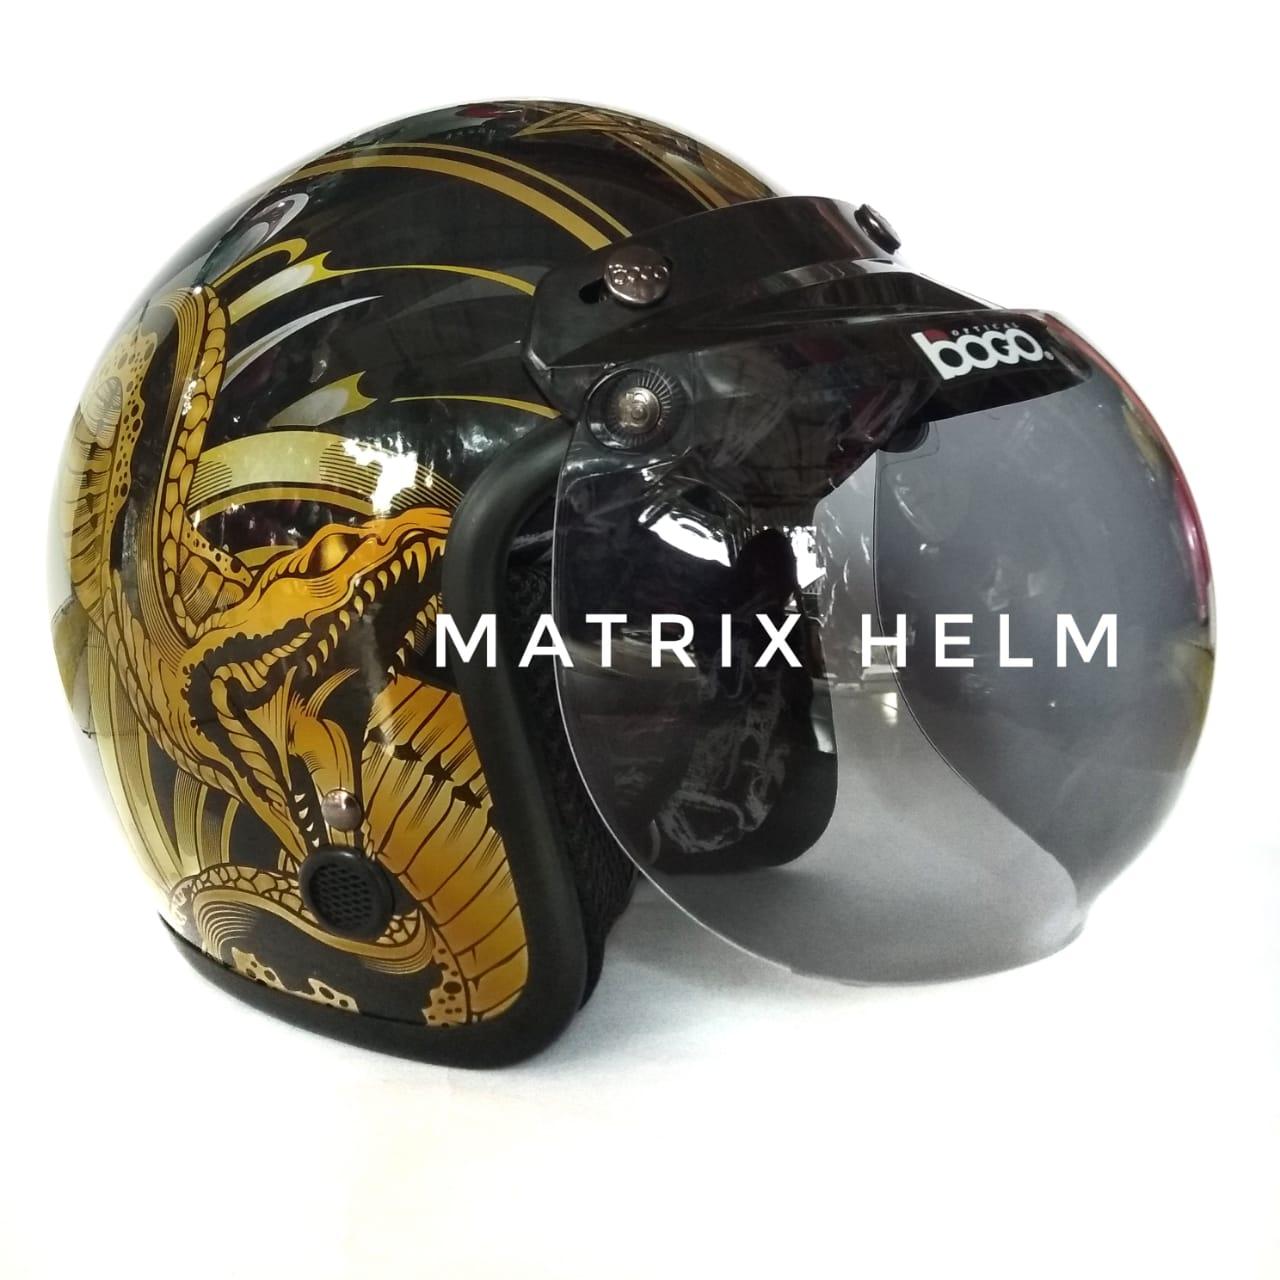 helm bogo 085708308785 retro lengkap helm anak ink kyt nhk. Black Bedroom Furniture Sets. Home Design Ideas